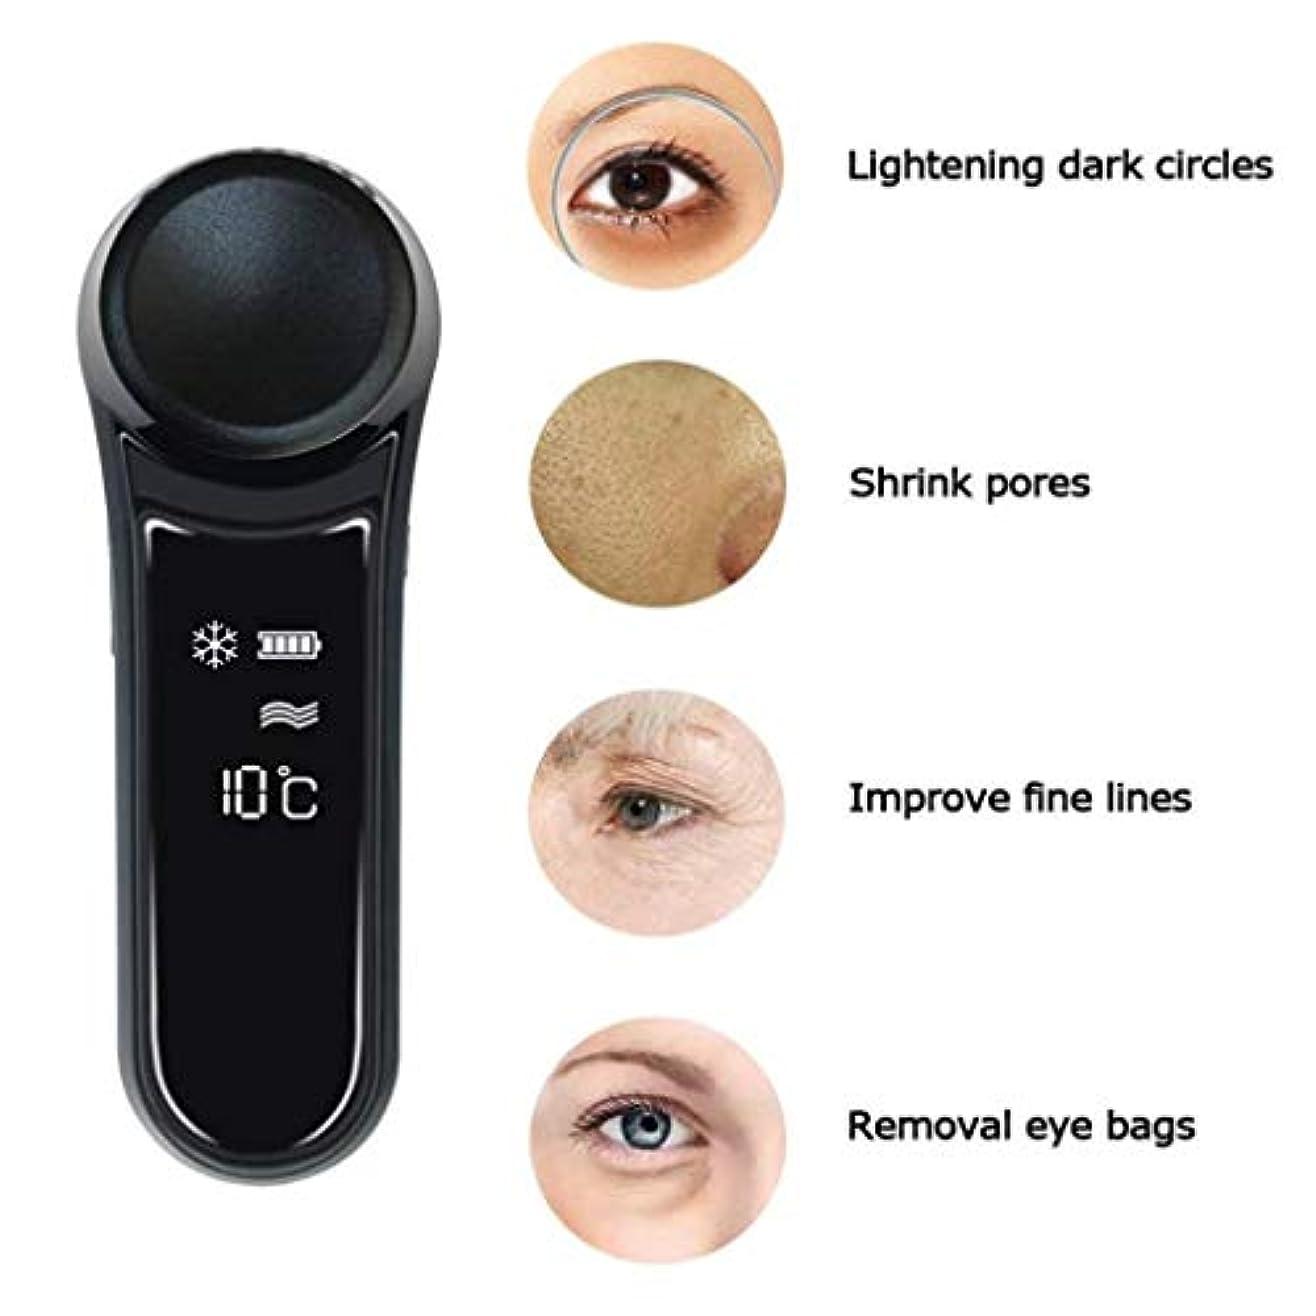 相対サイズ側溝店主アイマッサージャー、ホームイオンアイケア美容機器、アイバッグブラックサークルの改善、目の疲れの解消、肌の引き締め、しわの軽減